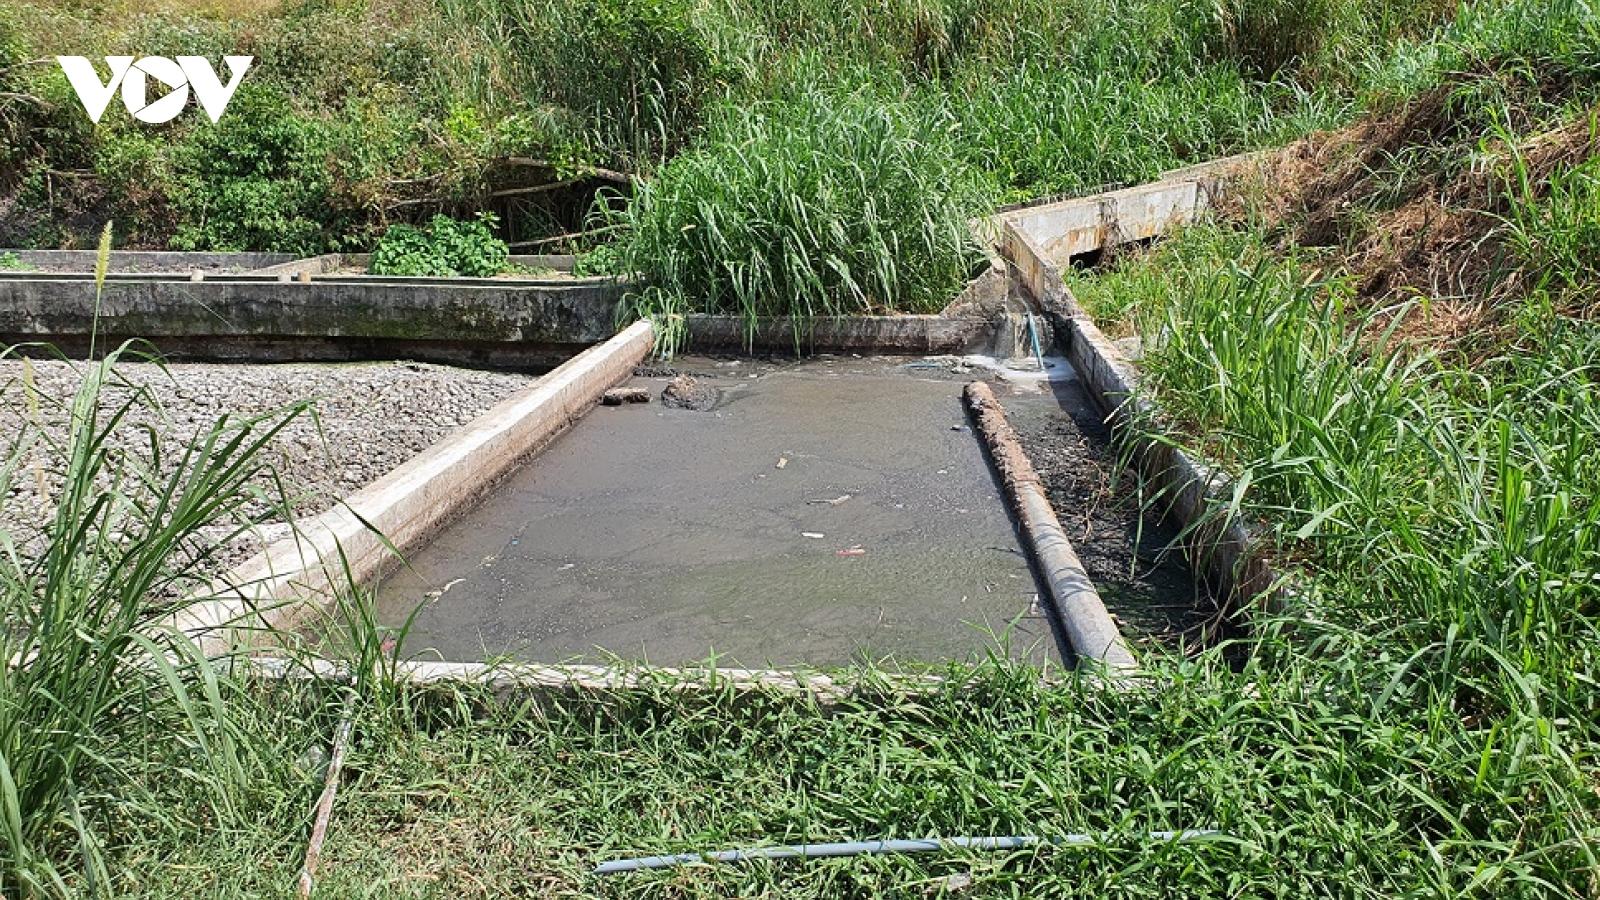 Trại nuôi heo gây ô nhiễm môi trường ở Quảng Nam, chính quyền chưa xử lý dứt điểm